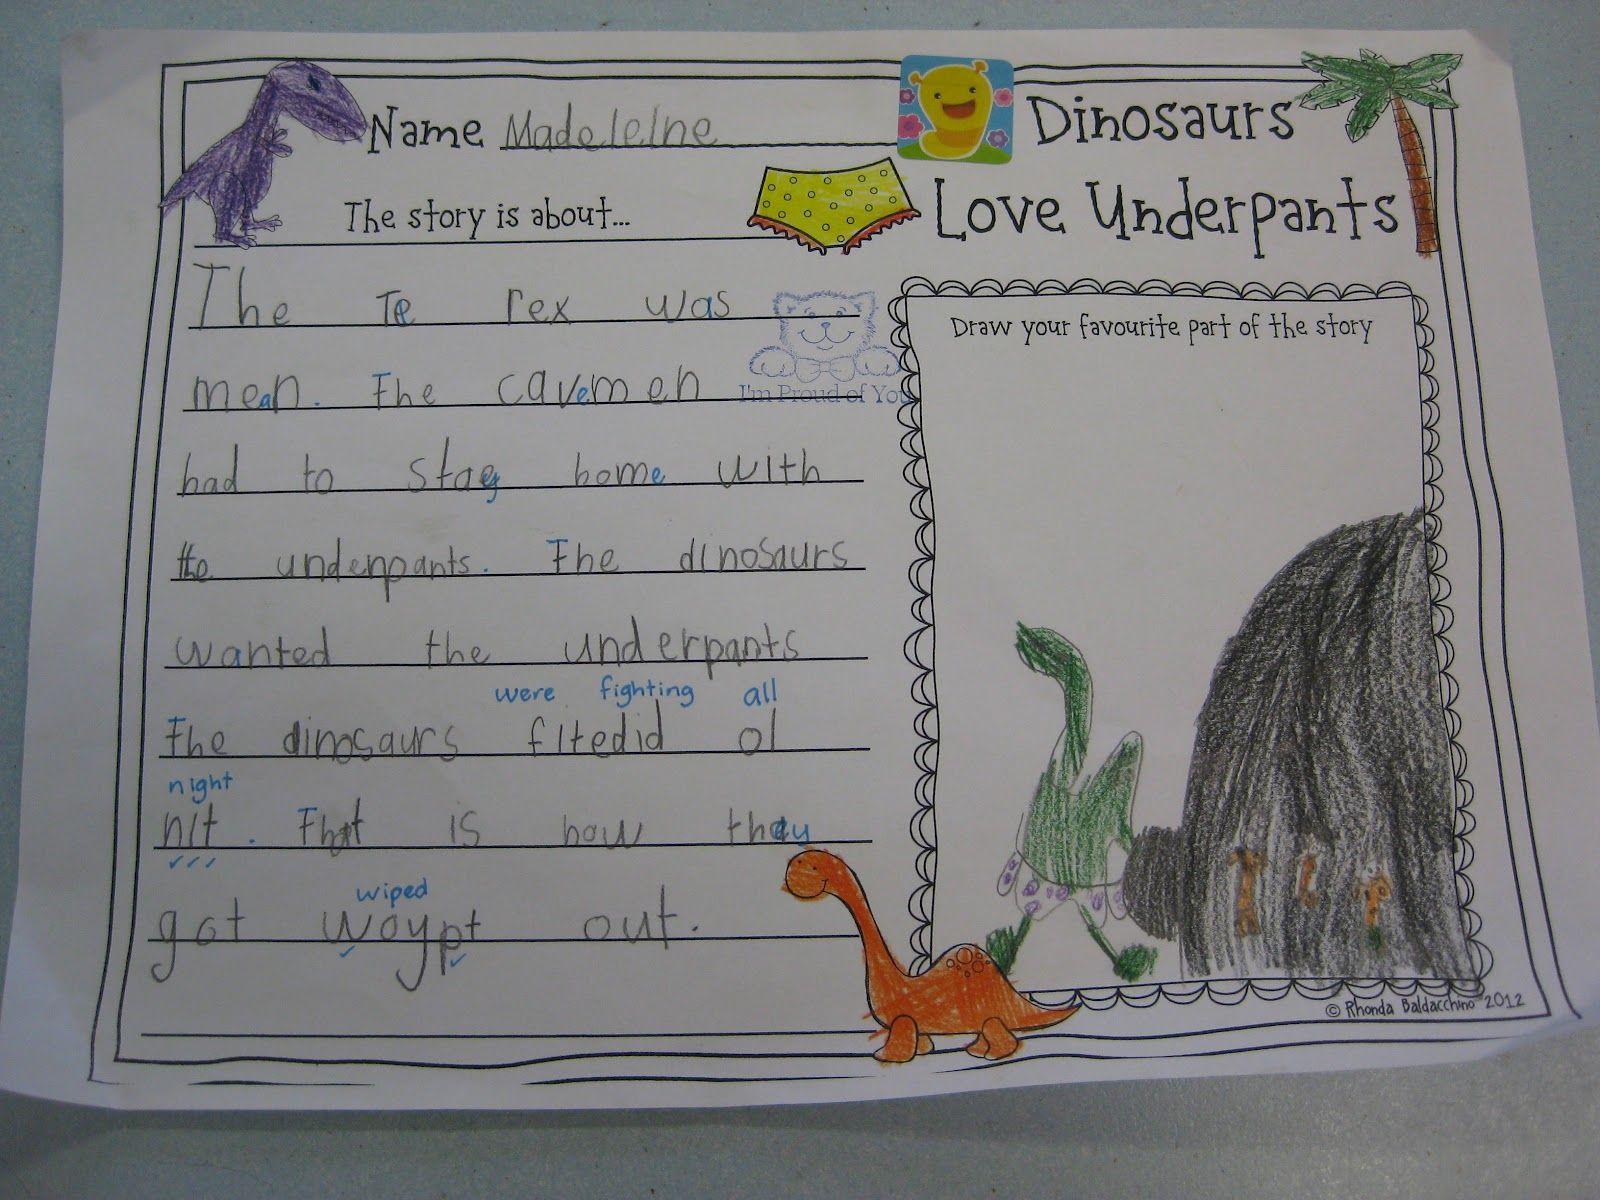 Dinosaurs Love Underpants lesson plan ideas